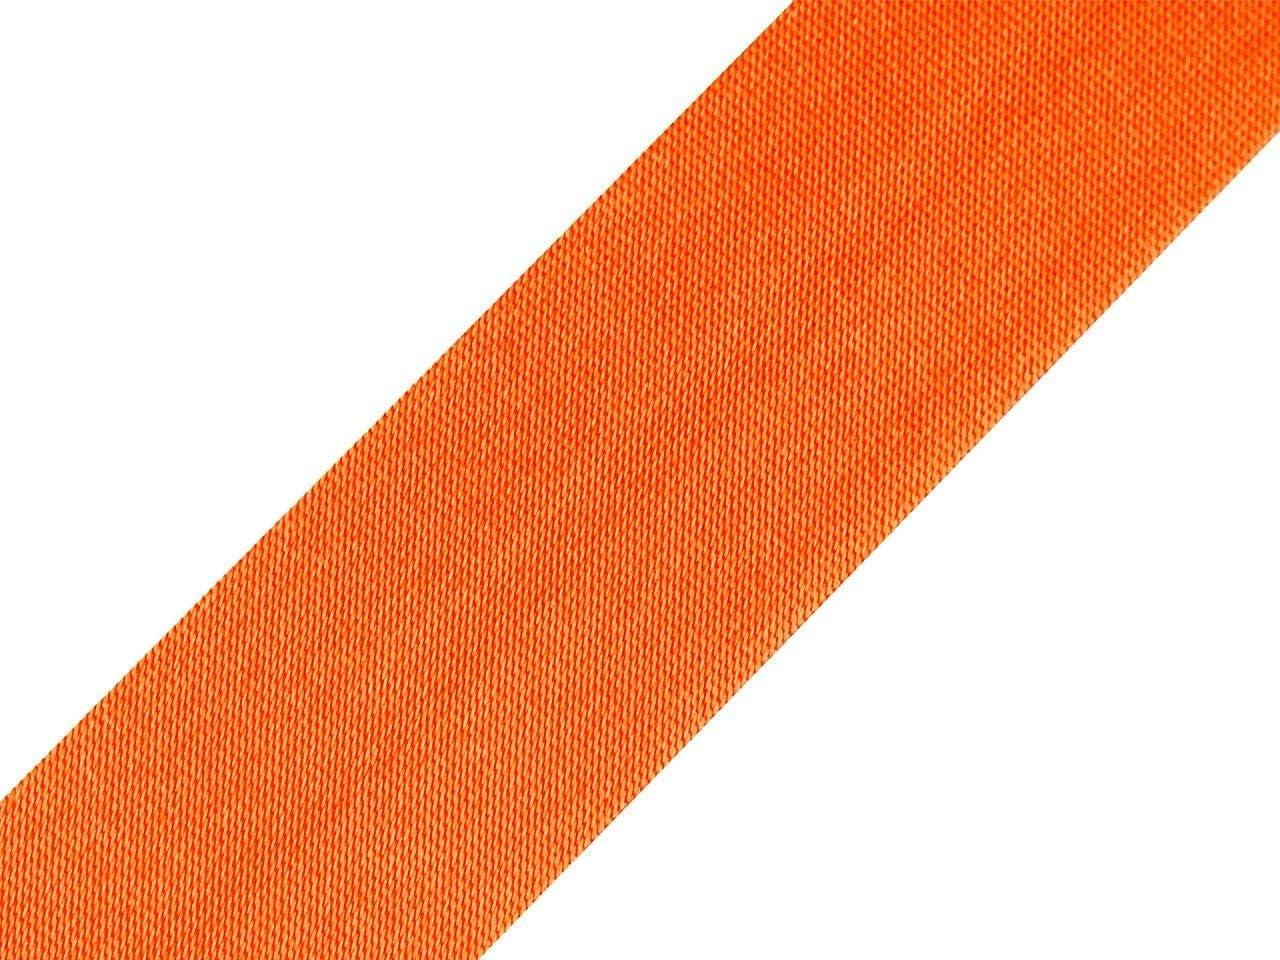 20m Amaranth Schr/ägband Satin Breite 20mm Gefalzt Ausgemessen Kurzwaren Schr/ägb/änder